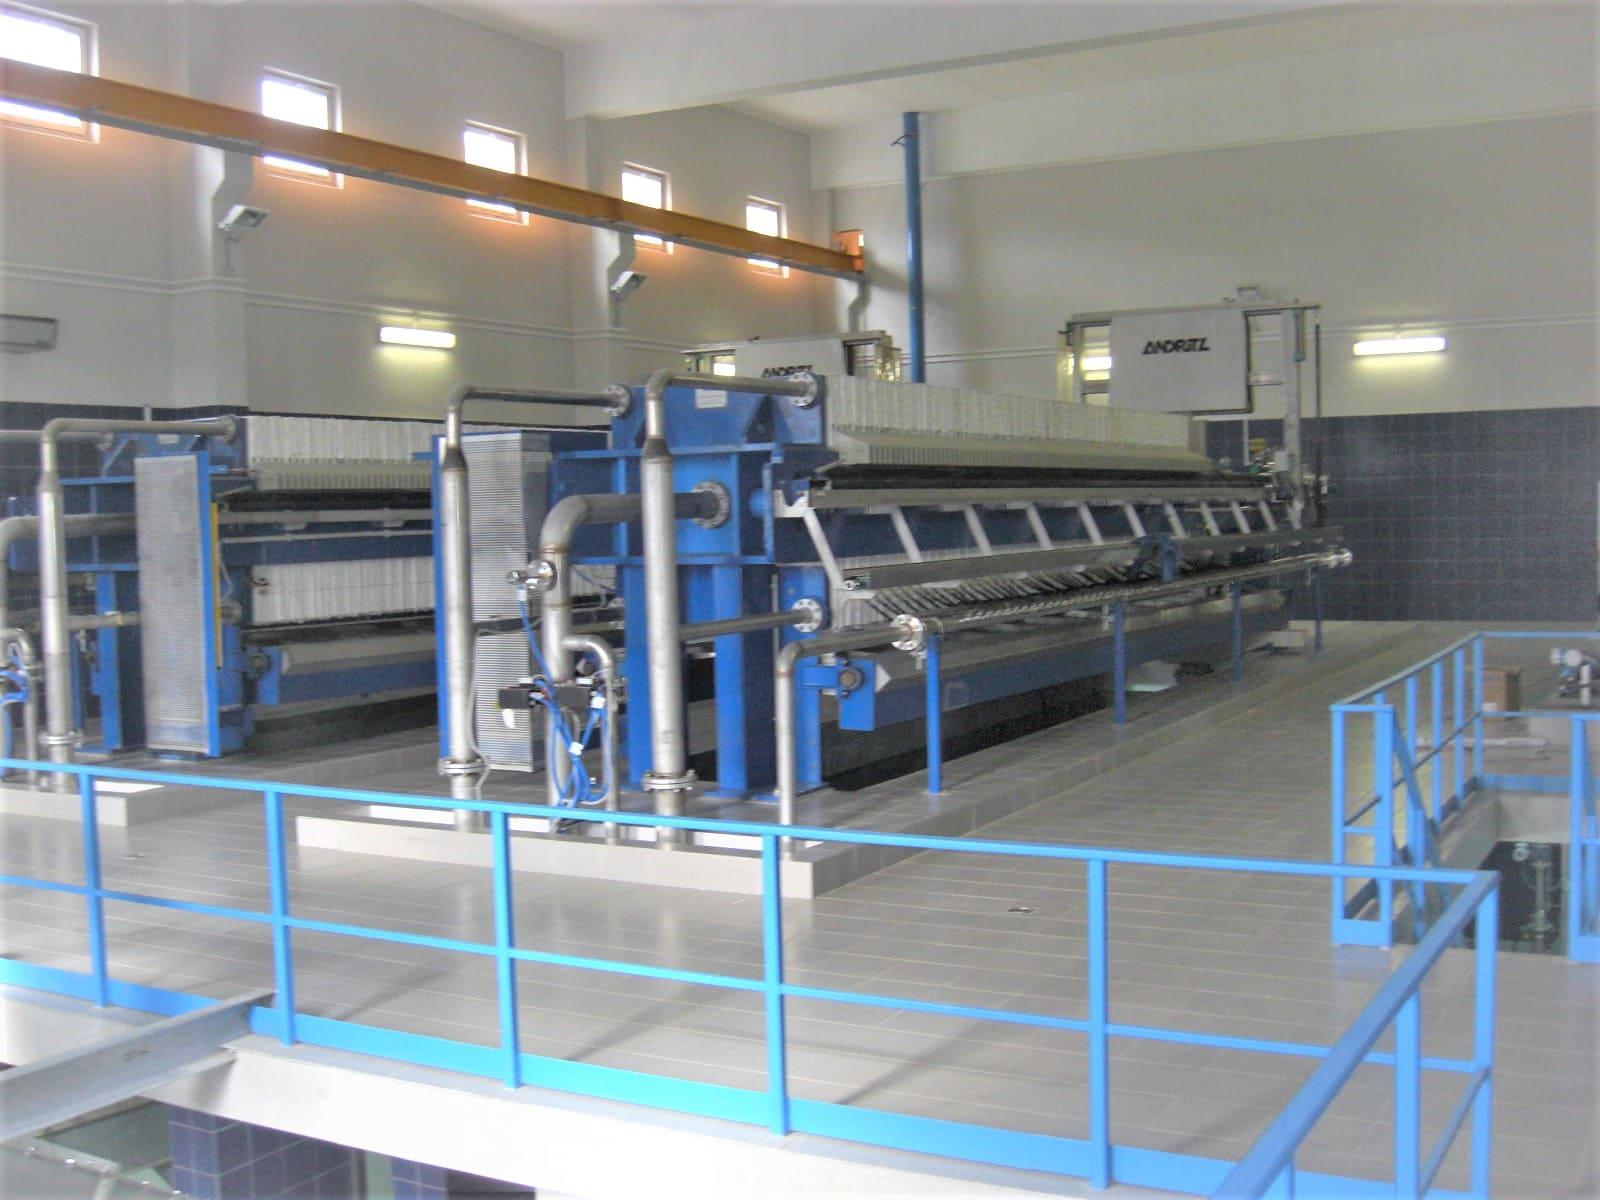 Сооружения обработки промывных вод и обработки осадков сооружений водопровода производительностью 60,0 тыс.м3/сут.